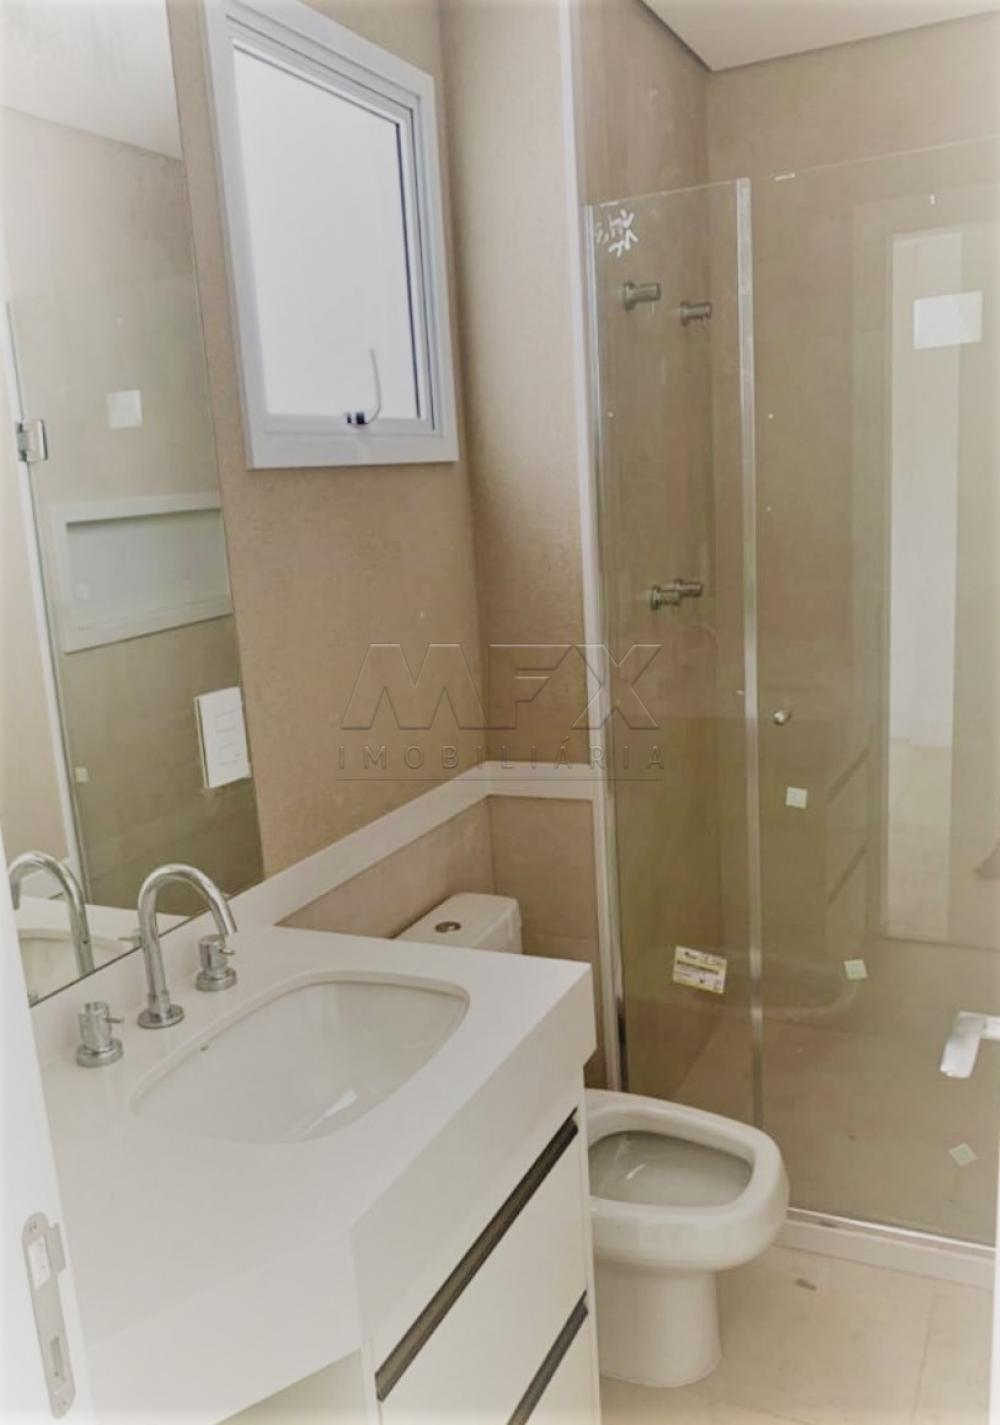 Alugar Apartamento / Padrão em Bauru apenas R$ 3.500,00 - Foto 11